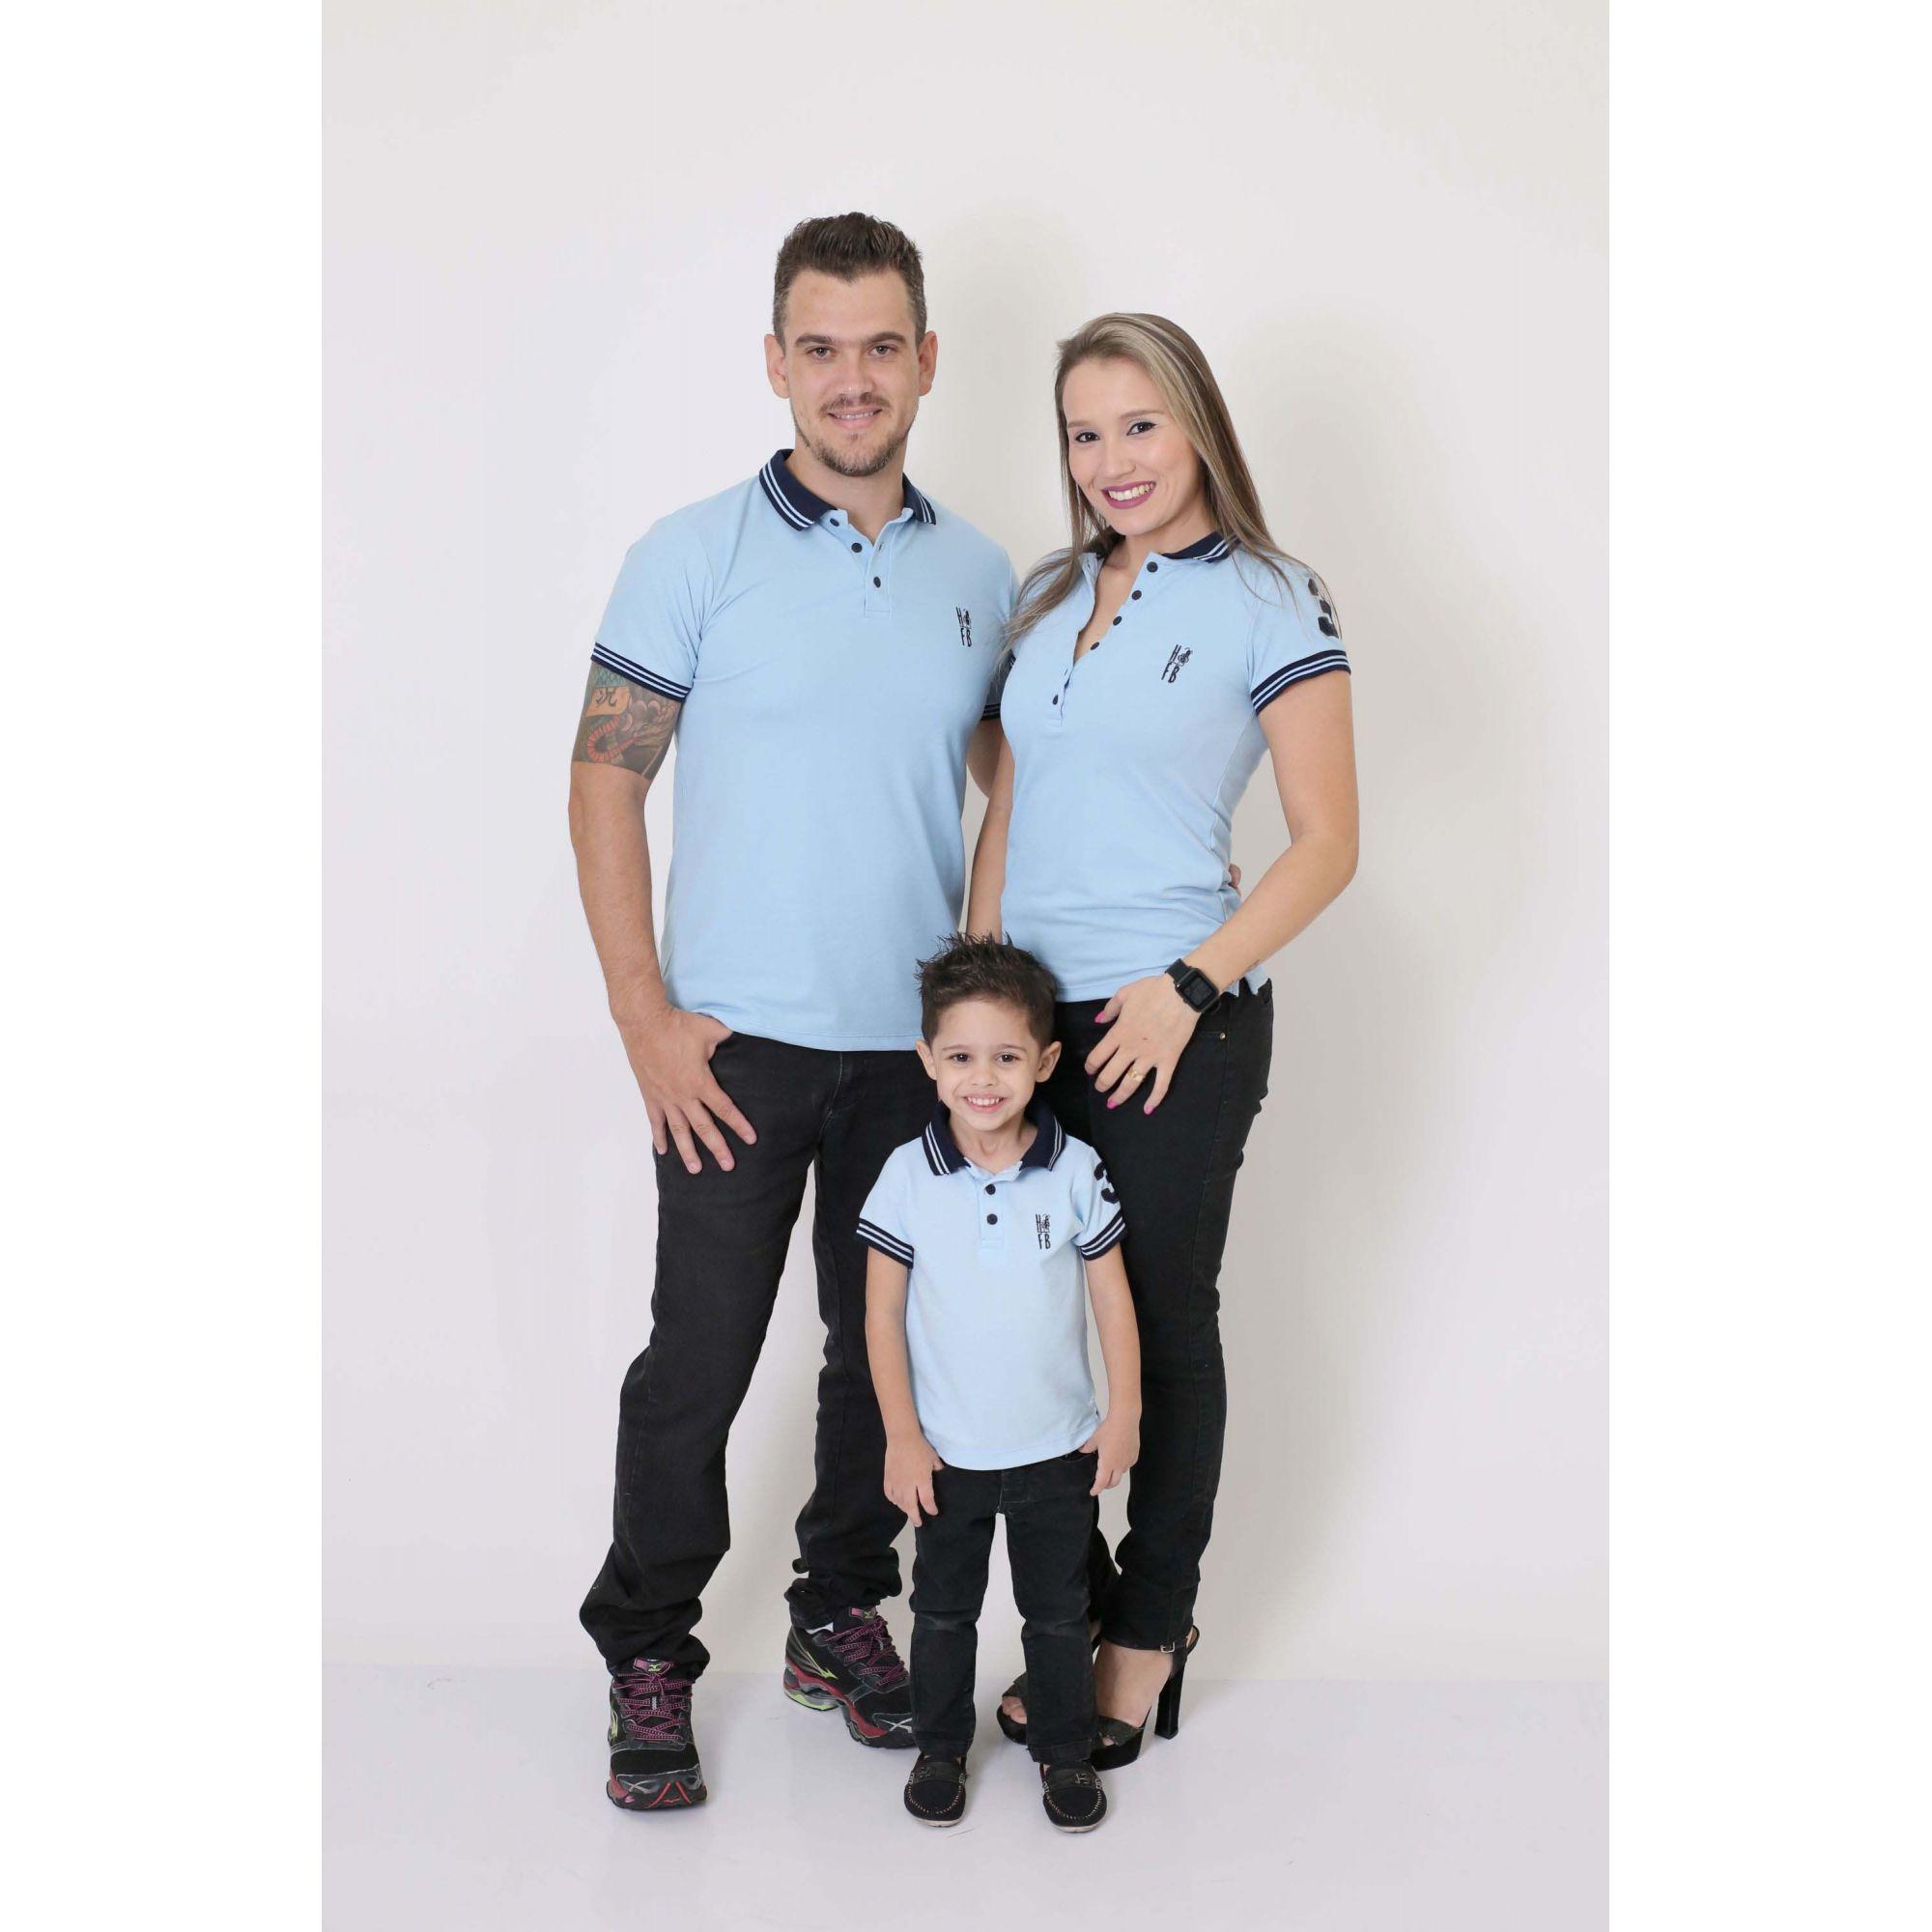 PAIS E FILHOS > Kit 3 peças Camisas ou Body Polo Azul Nobreza [Coleção Família]